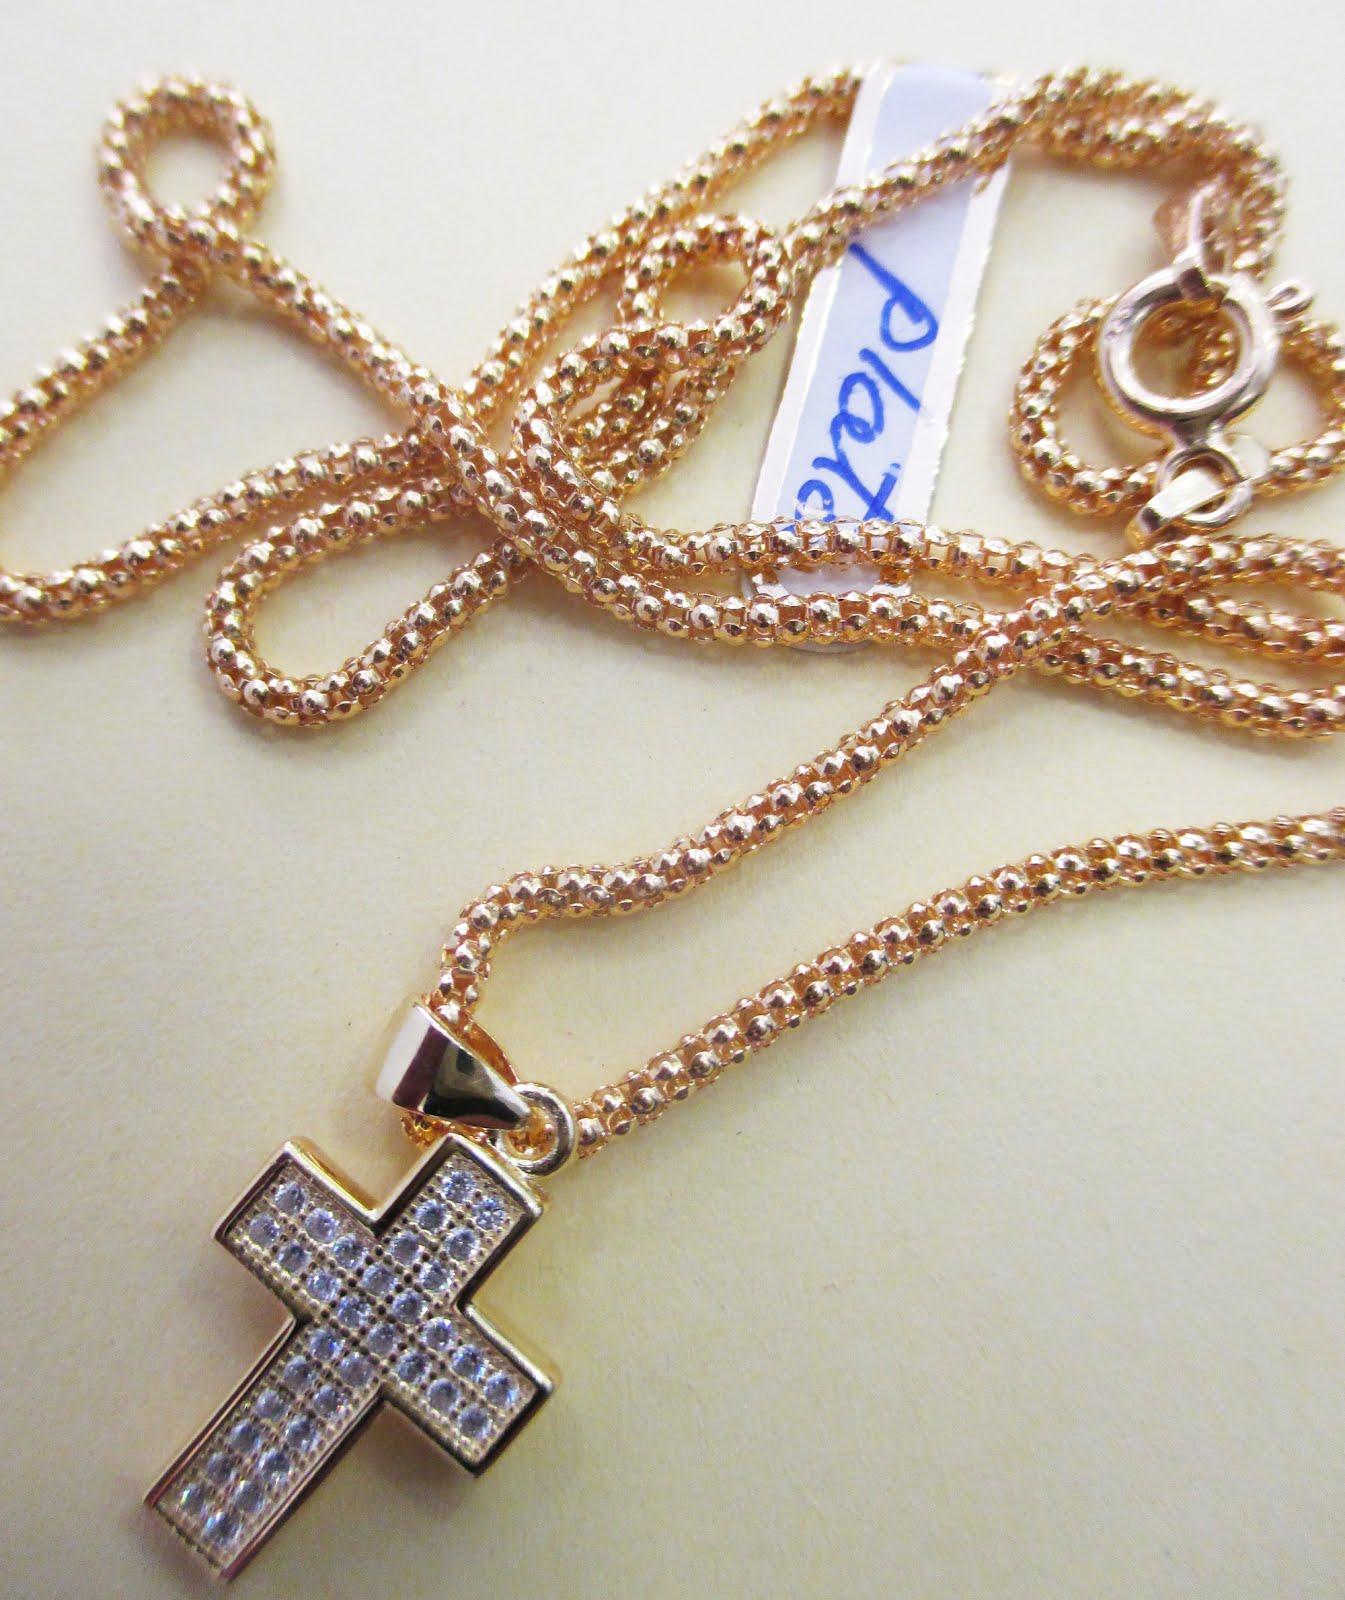 Cruz y cadena de plata dorada